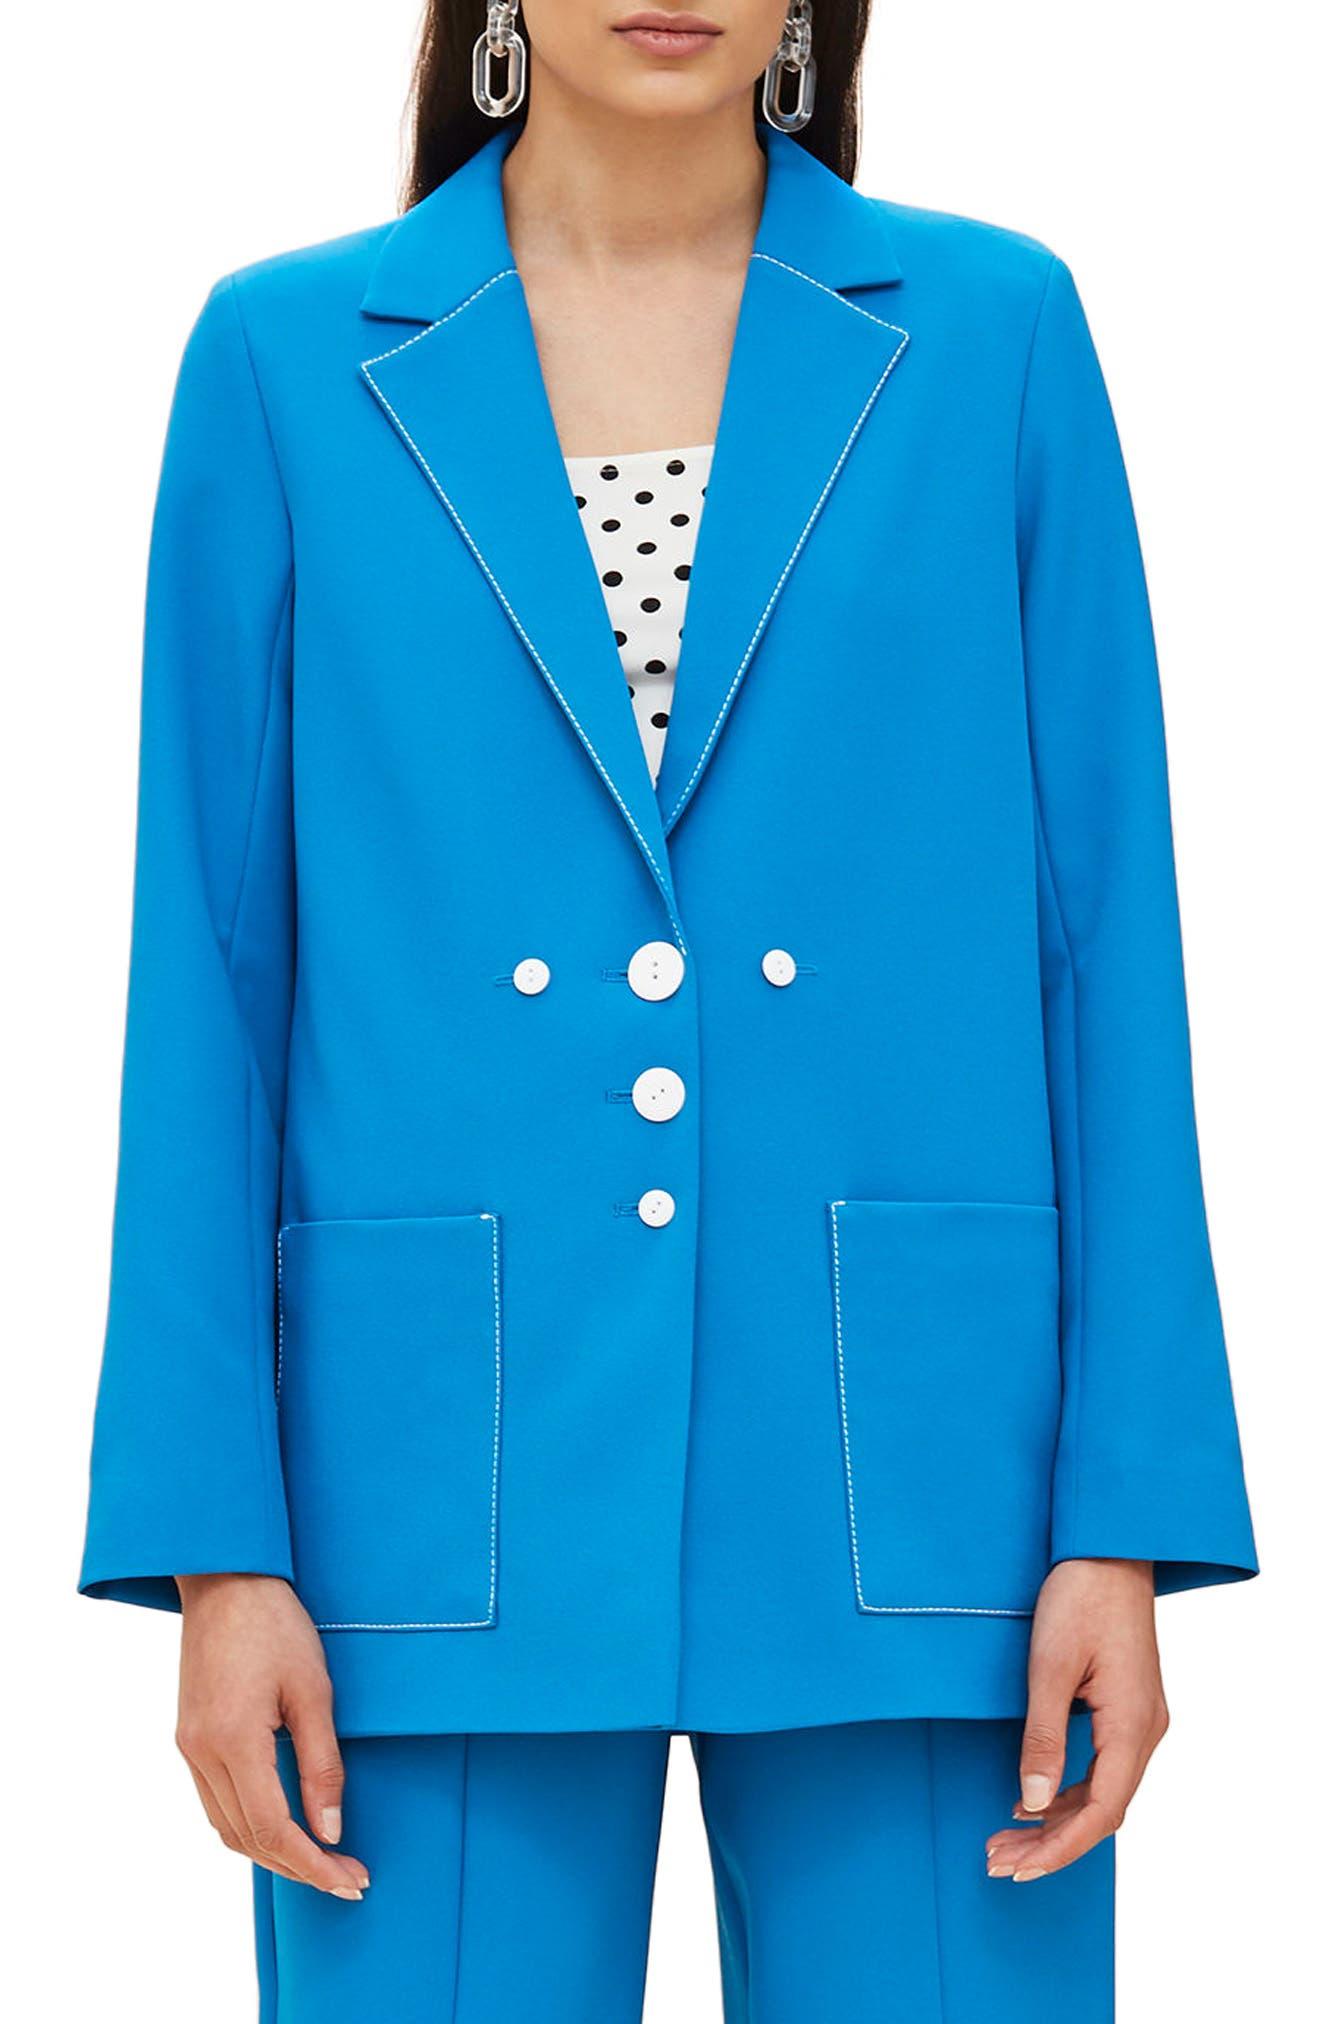 Azure Contrast Stitch Suit Jacket,                             Main thumbnail 1, color,